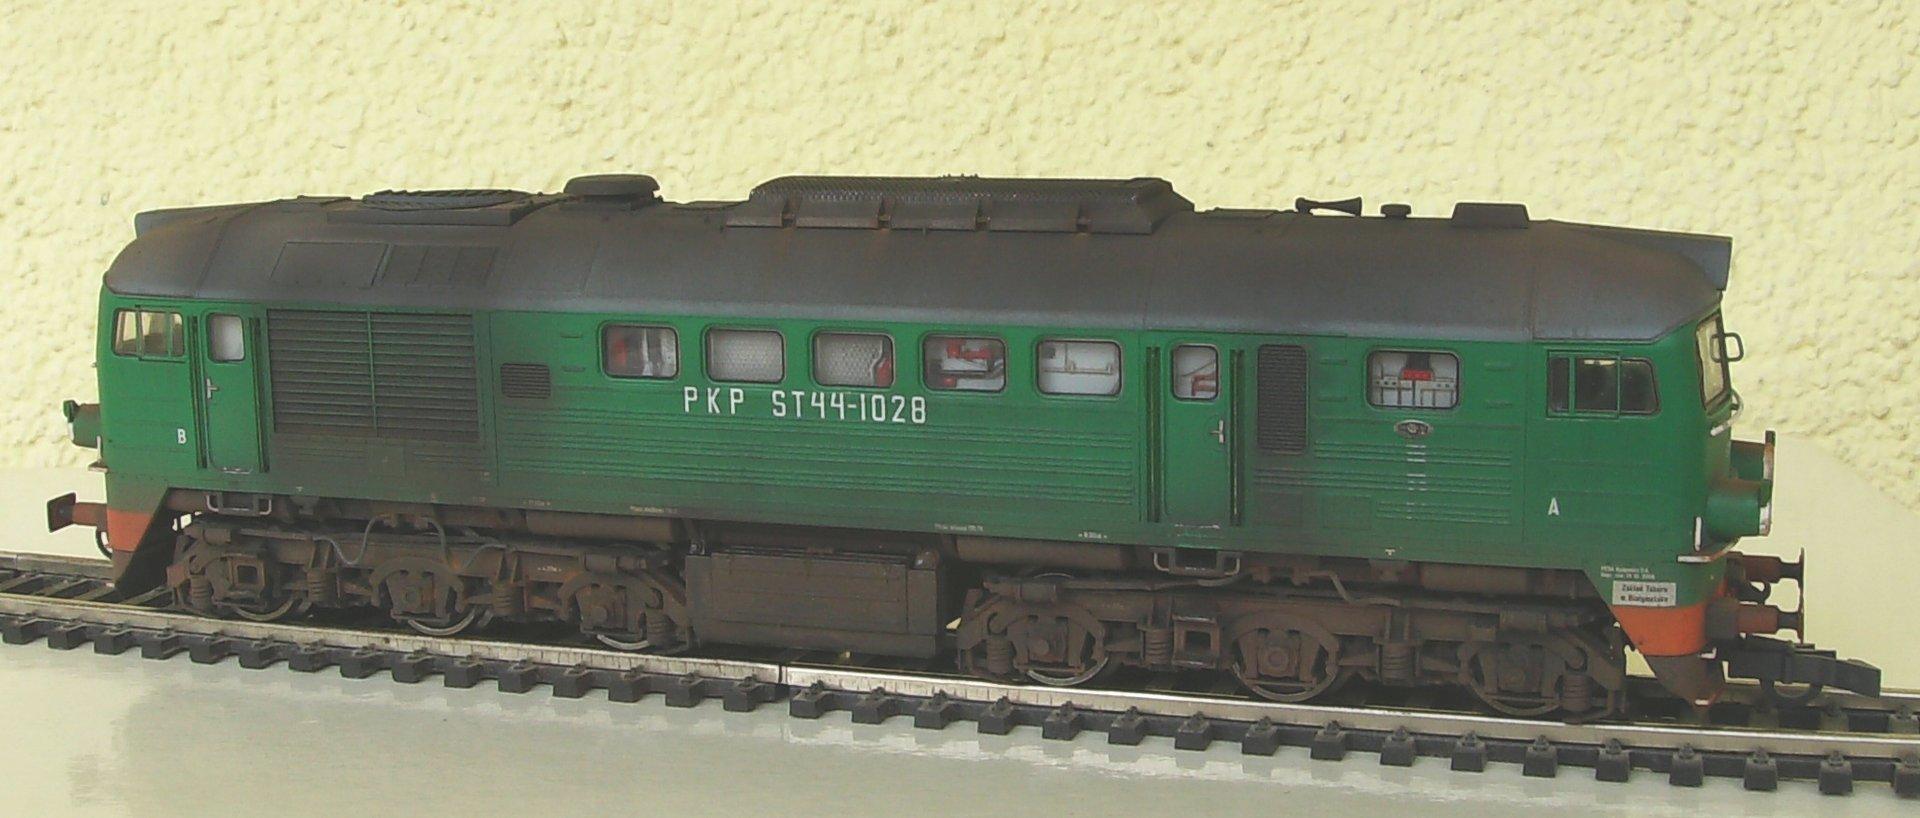 HPIM9203.JPG